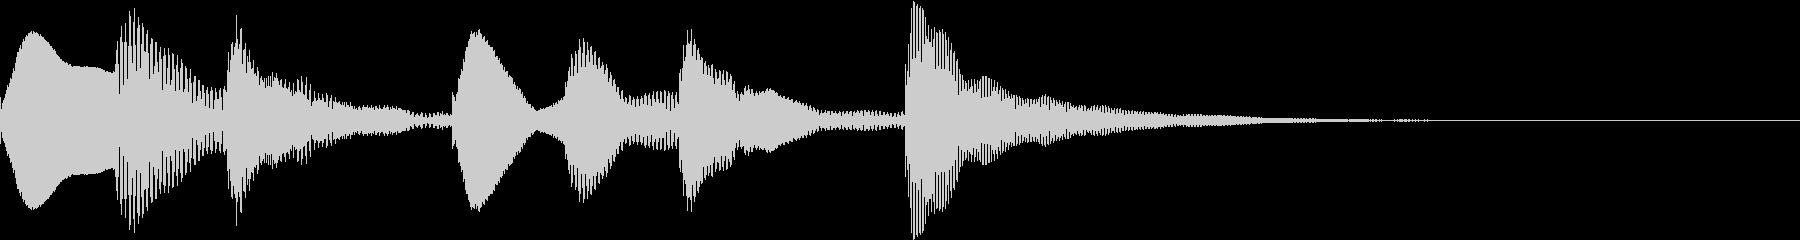 マリンバ軽快な定番ジングルの未再生の波形